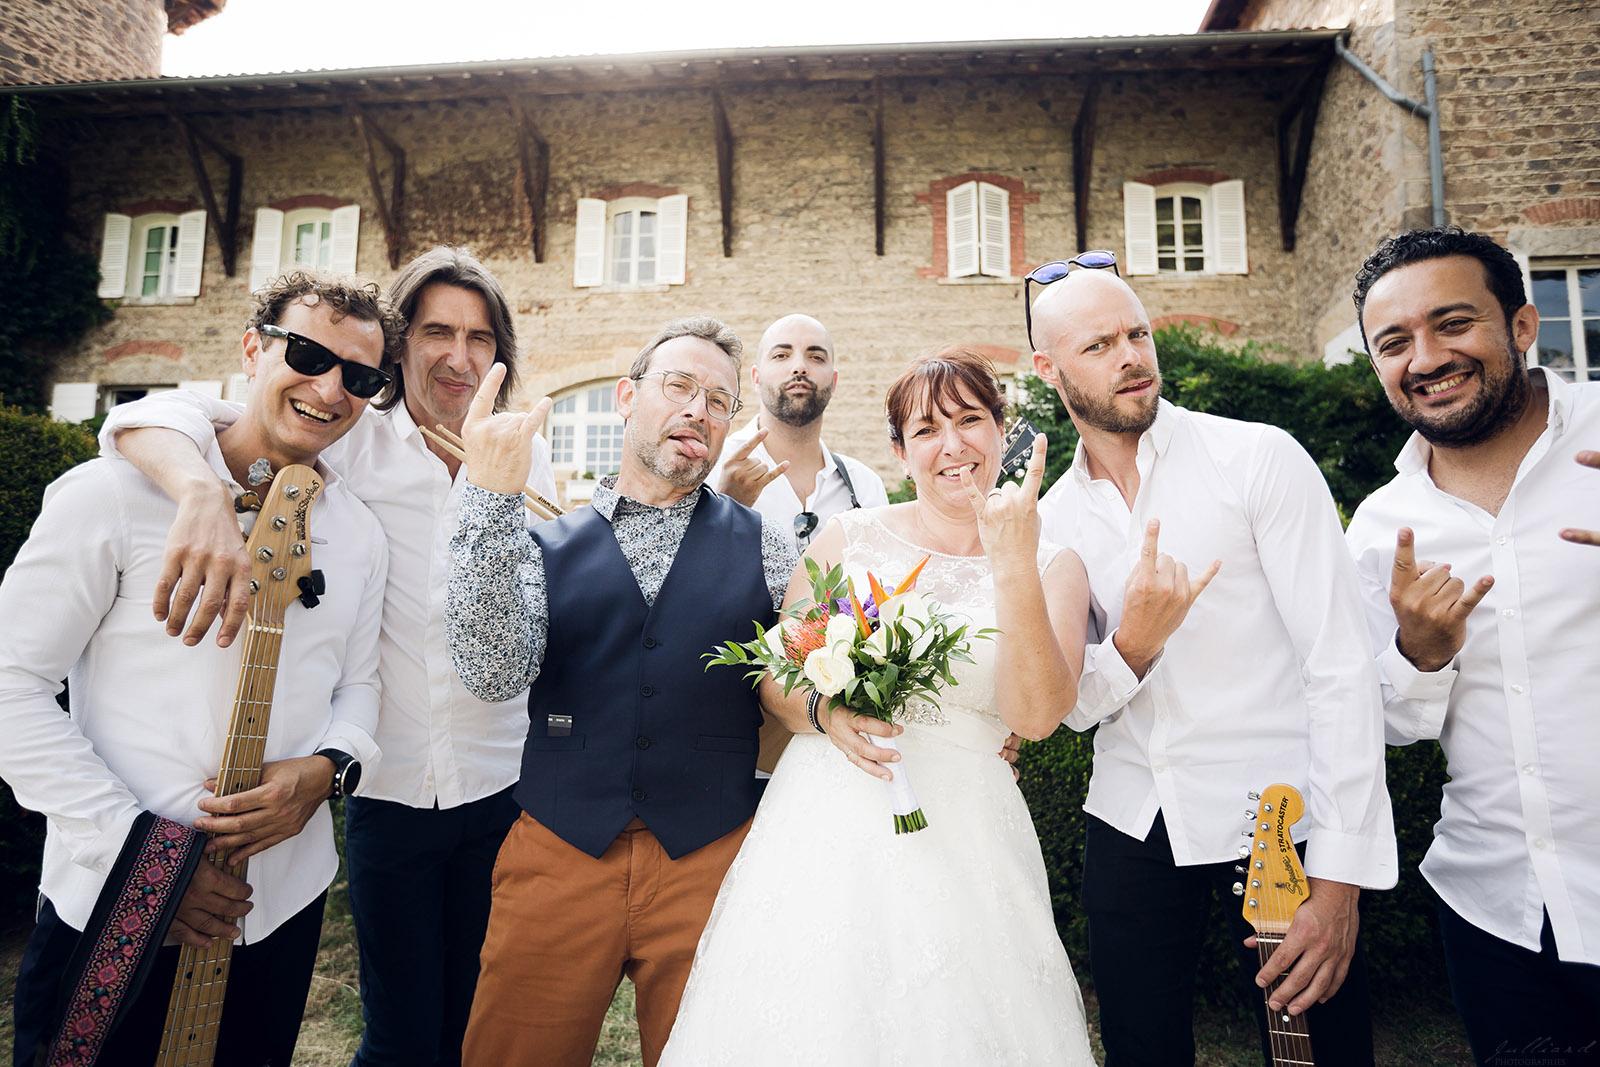 photographe-mariage-lyon-auvergne-rhone-alpes-beaujolais-mont-du-lyonnais-manoir-de-tourville-brindas-wedding-photographer